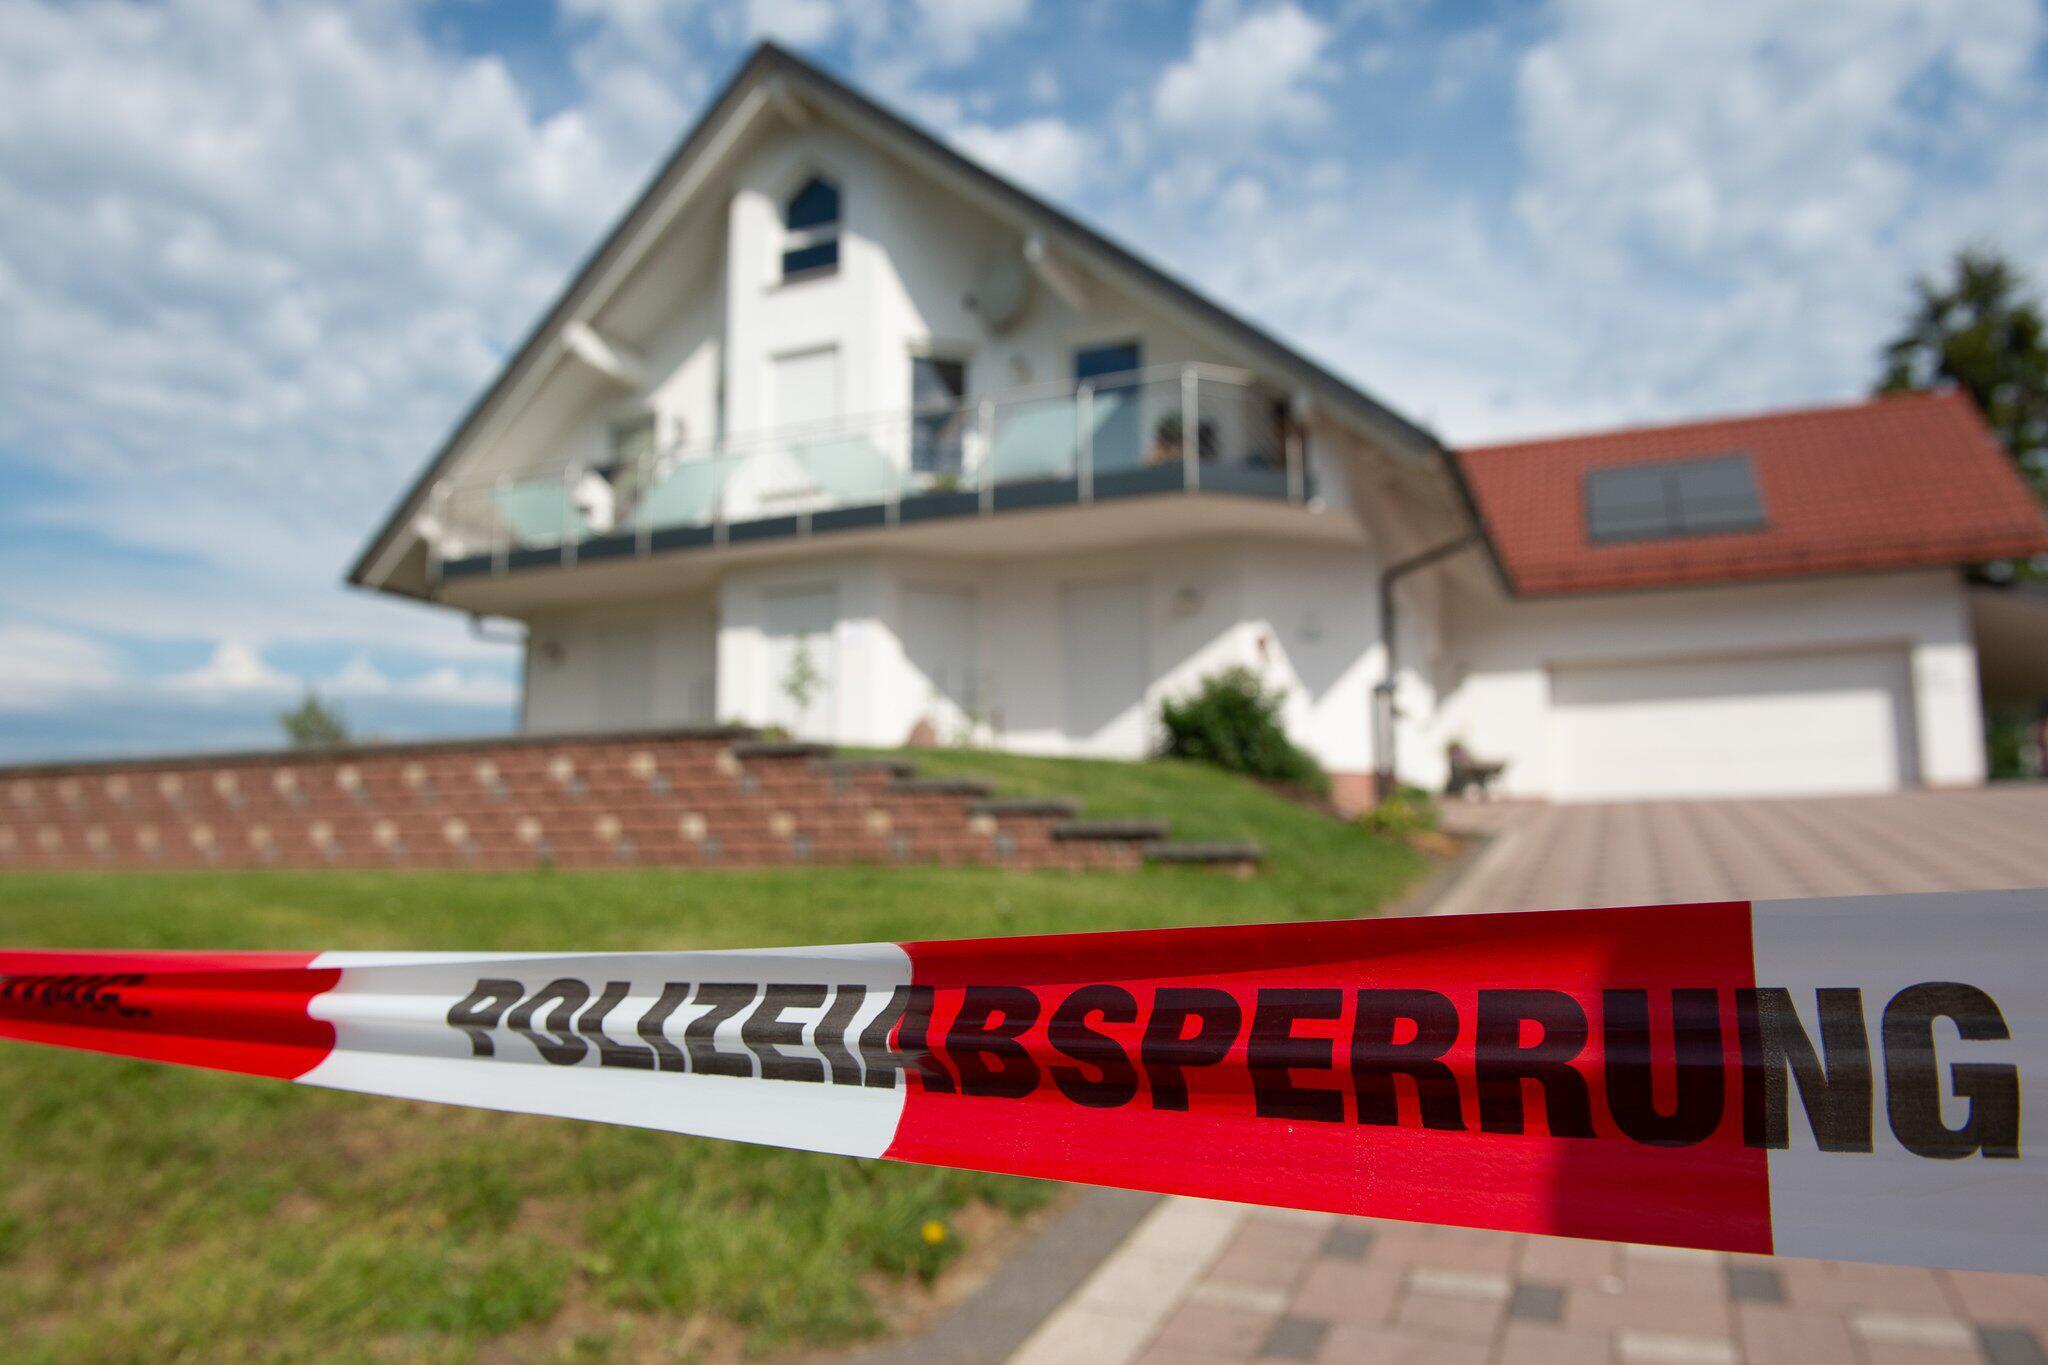 Bild zu Festnahme im Fall des erschossenen Regierungspräsidenten Lübcke